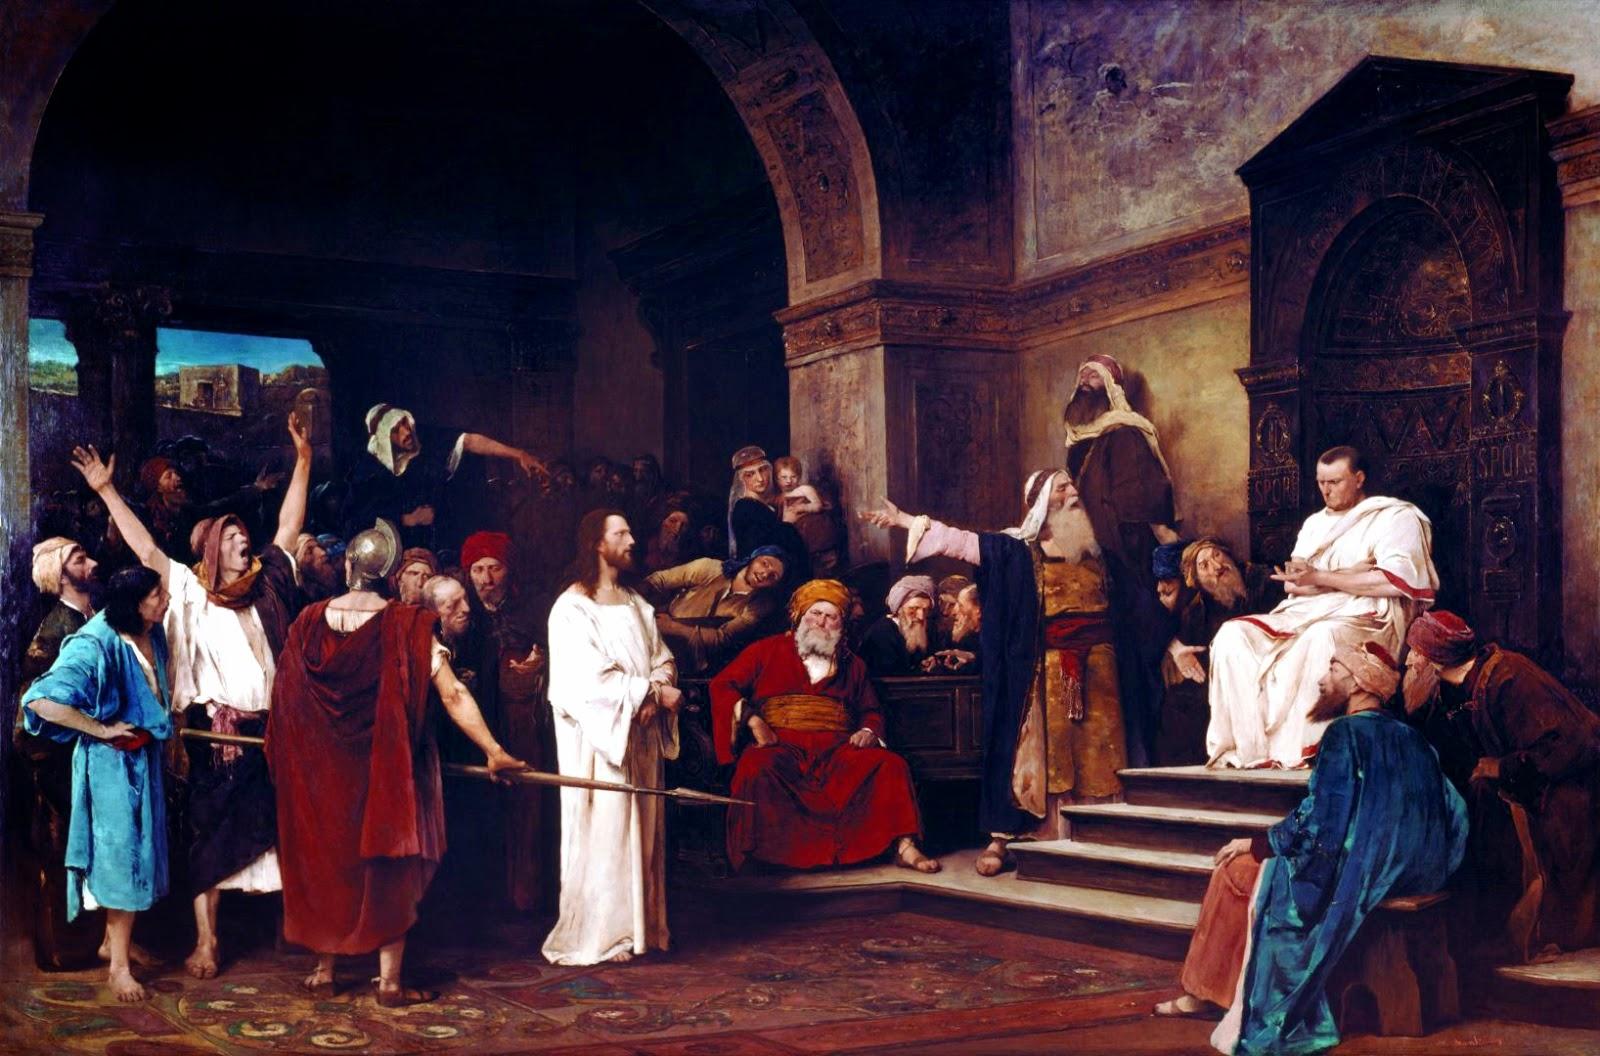 Munkácsy Mihály, Krisztus-trilógia, festmény, kultúra, kulturális örökség, Krisztus Pilátus előtt, Déri Múzeum,